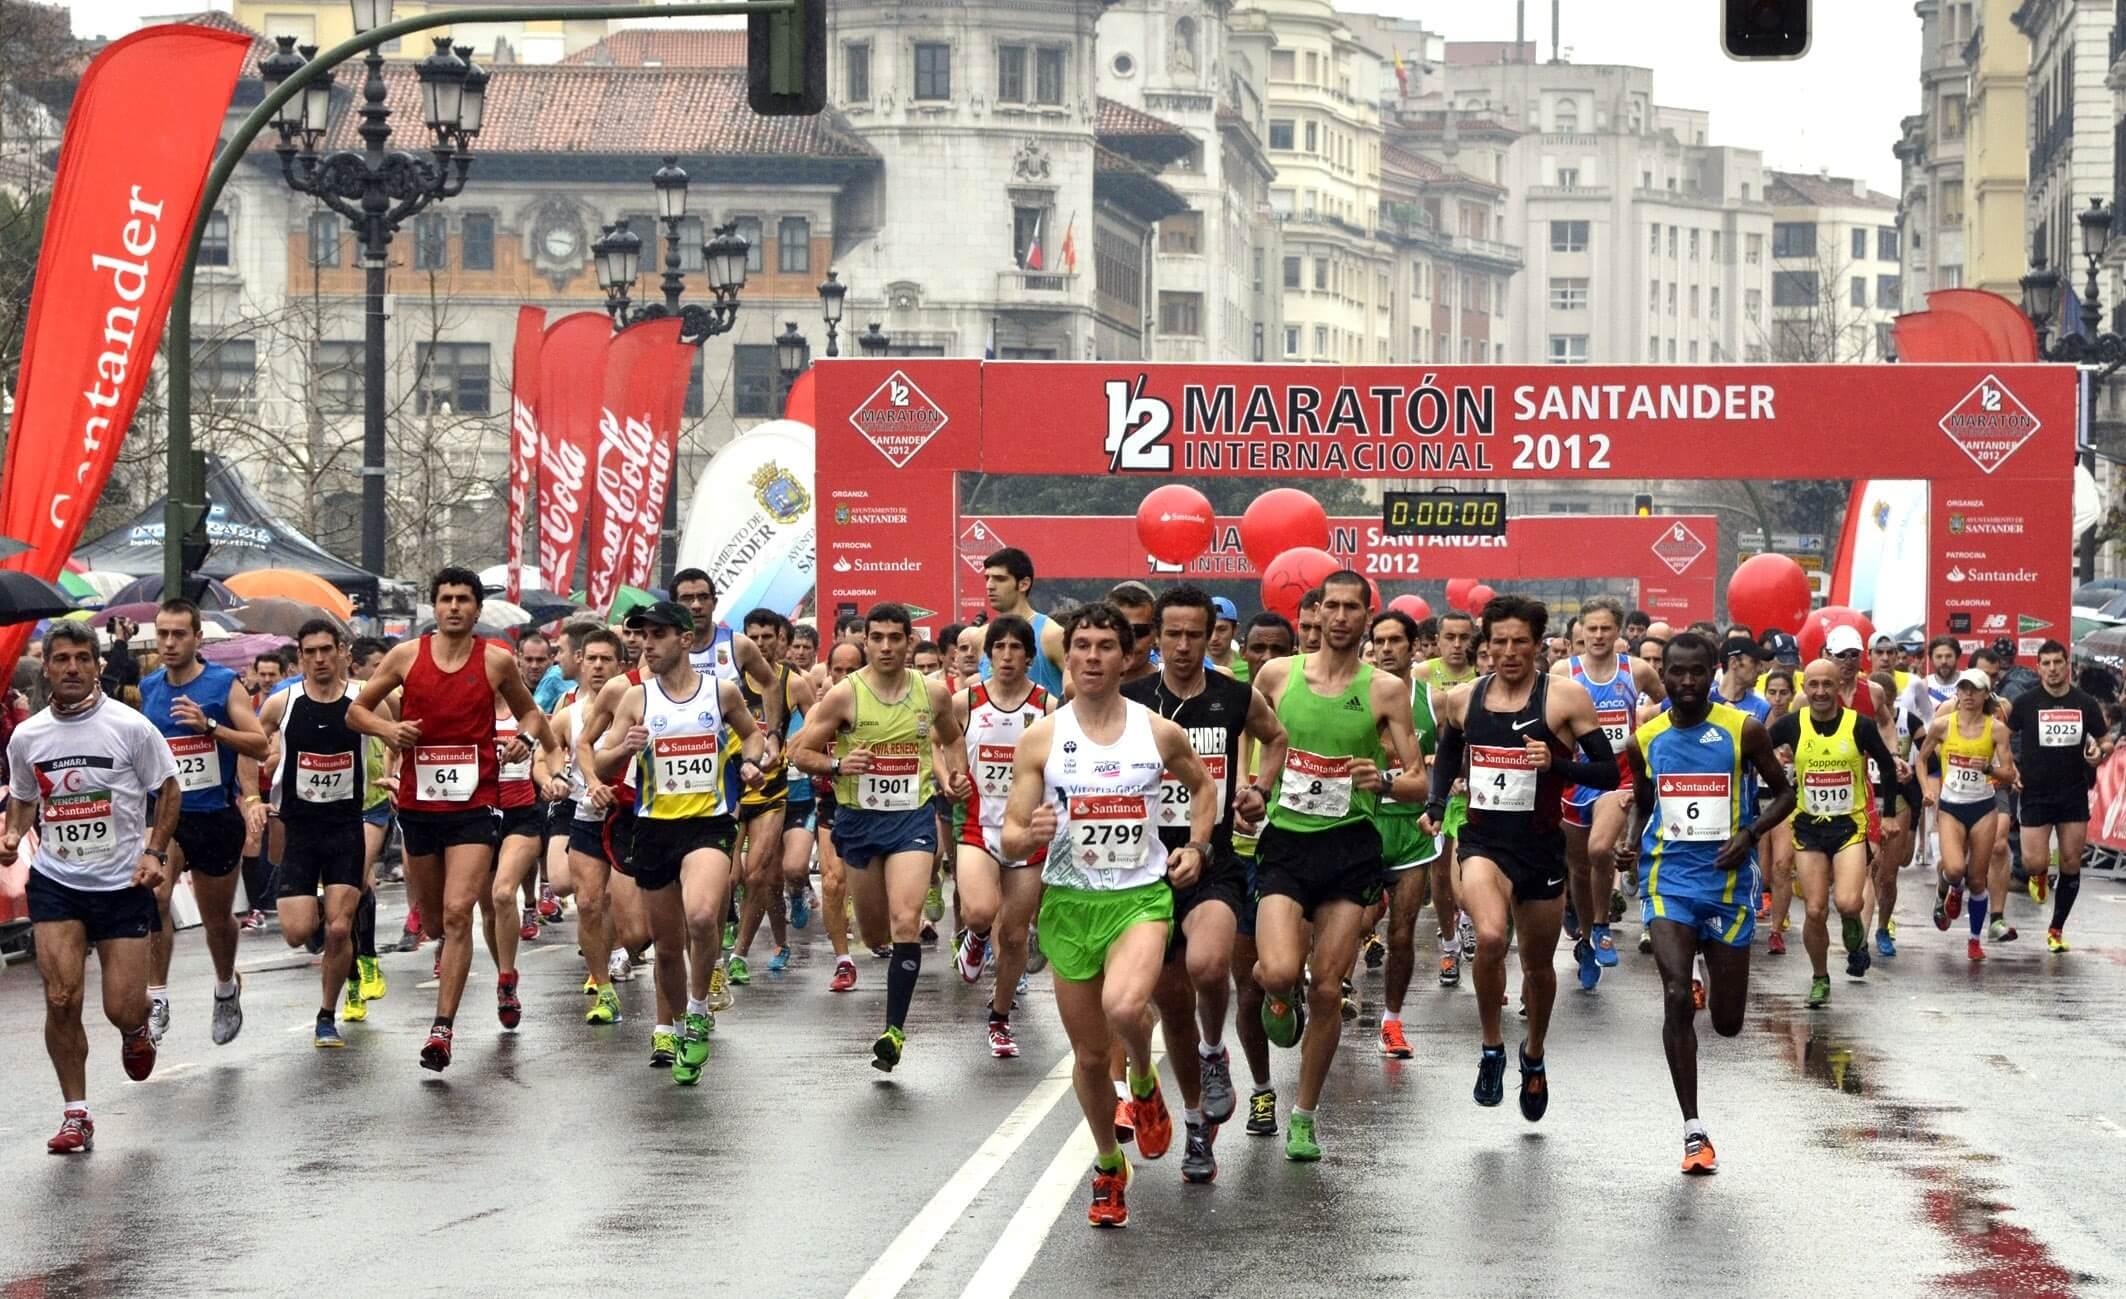 media_maraton_preparar_ep_08032013